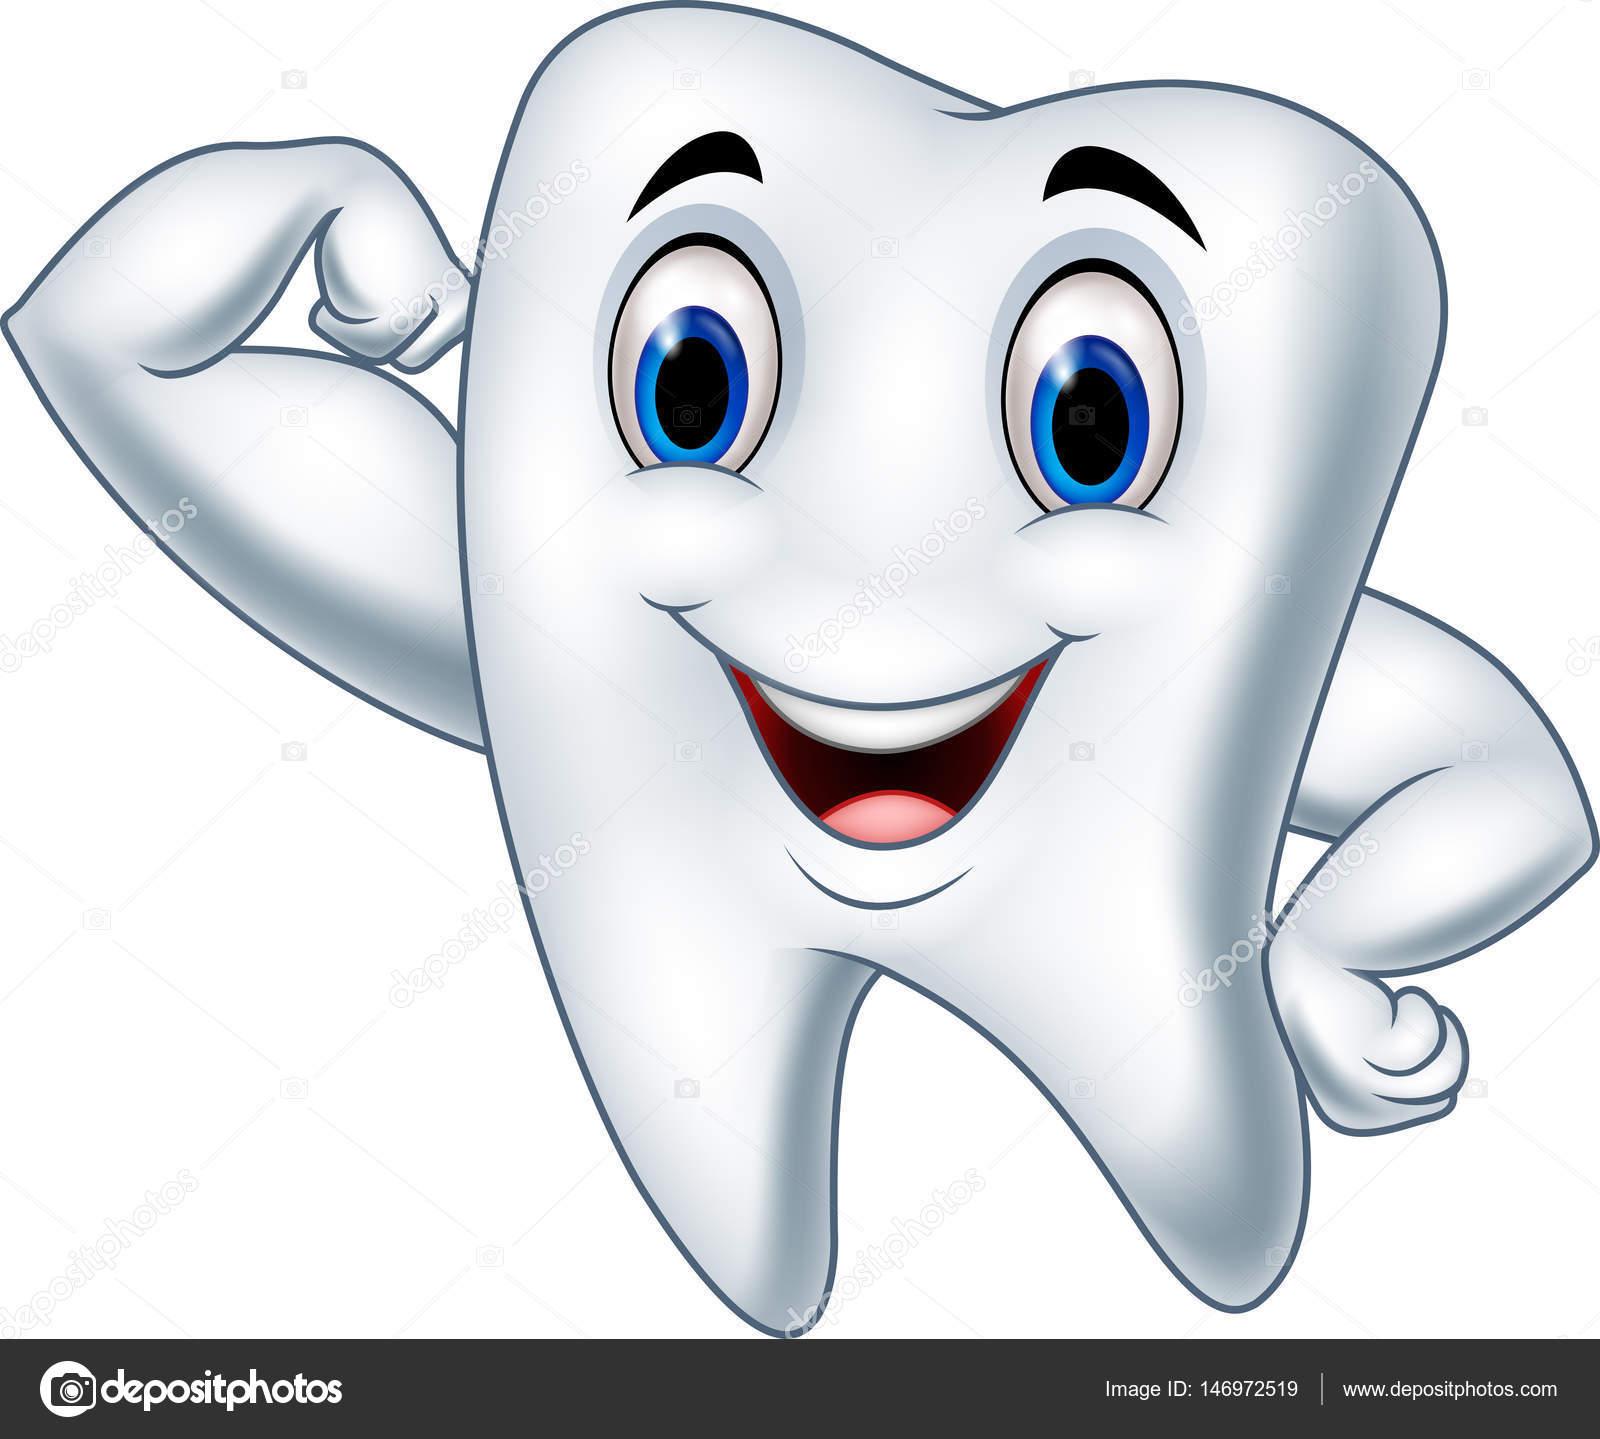 1 Toothed Cartoon Characters : Personaje de dibujos animados dientes fuertes — archivo